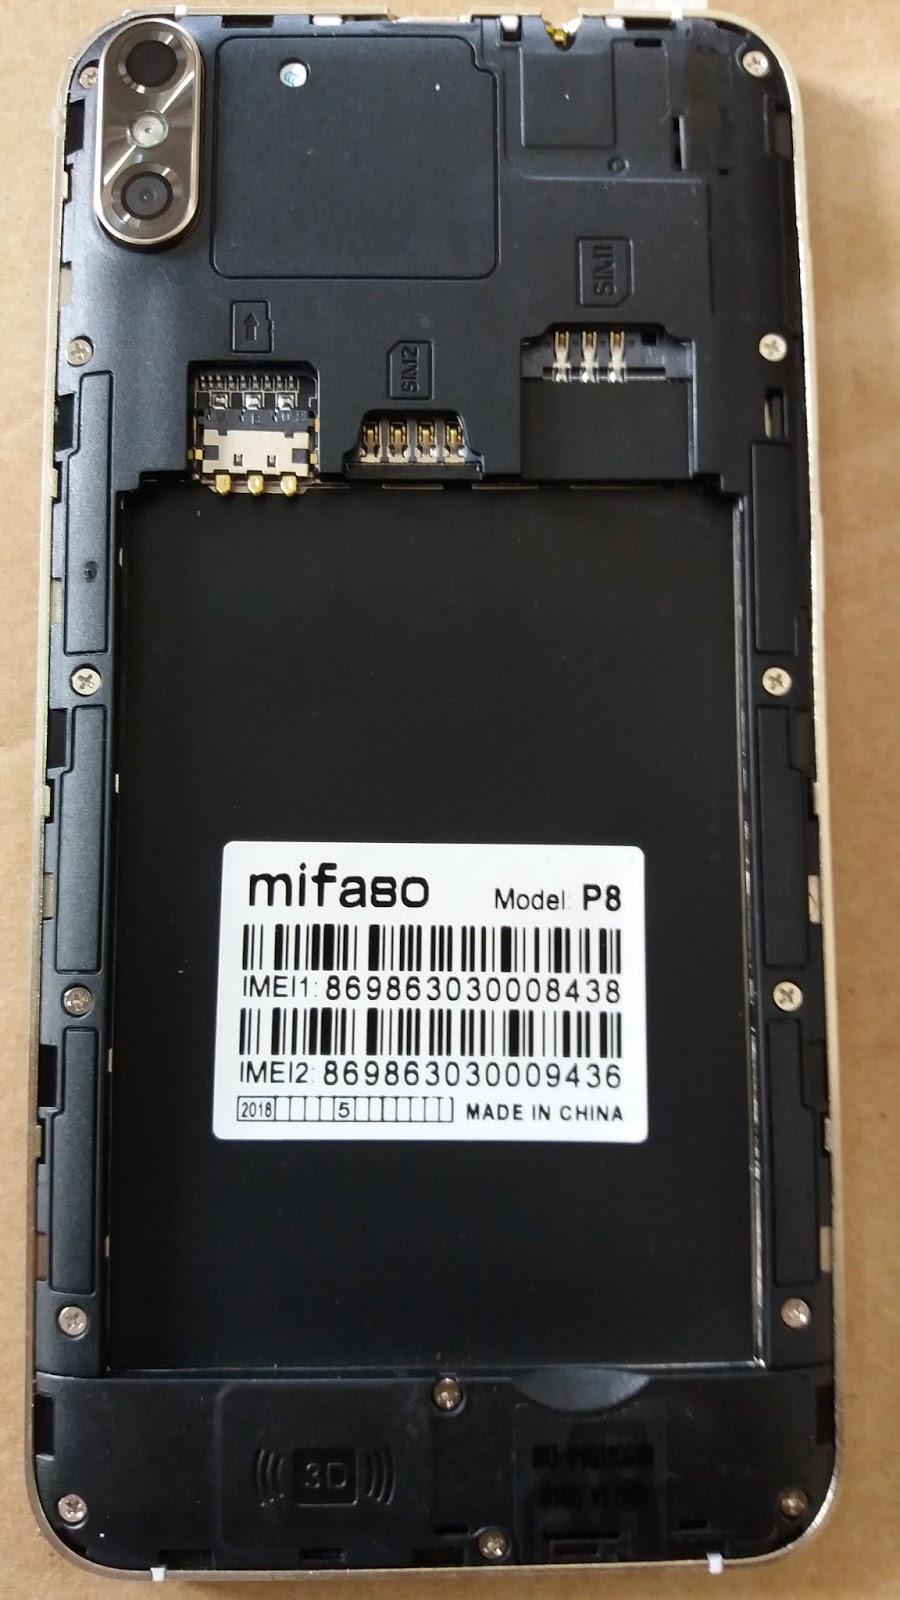 Mifaso P8 Flash File